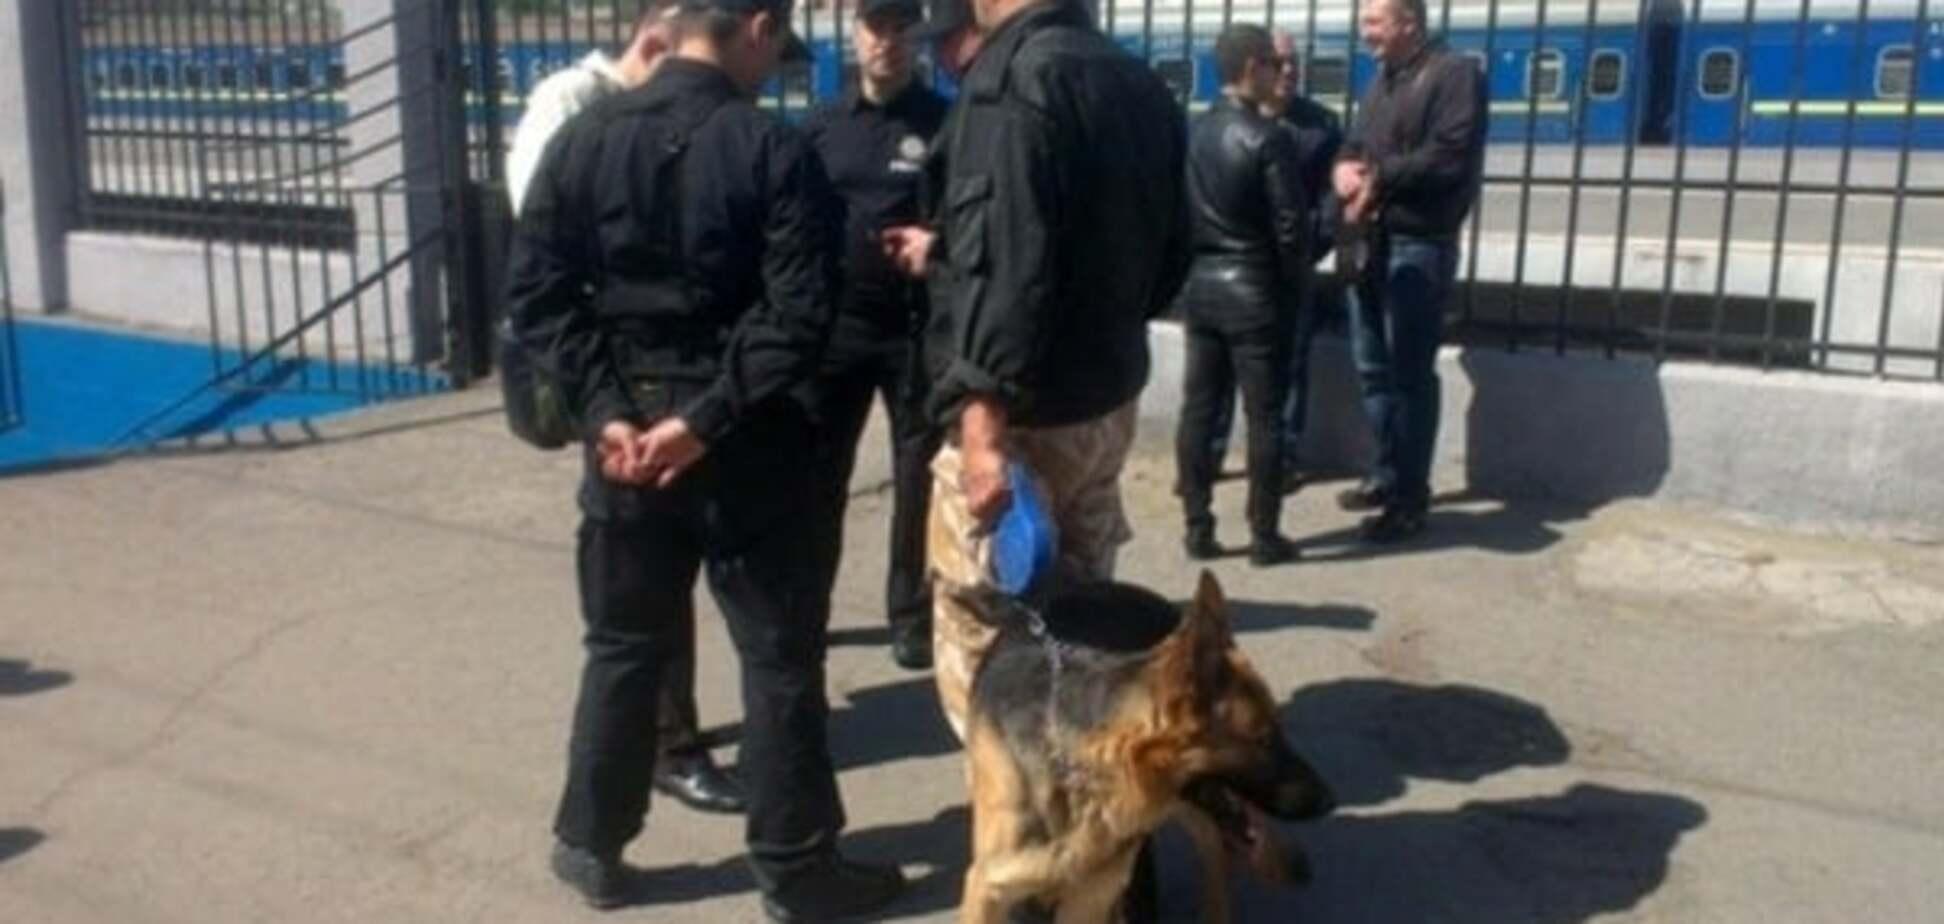 Поліція в Одесі не пропускає людей на Куликове поле через ультиматум - ЗМІ